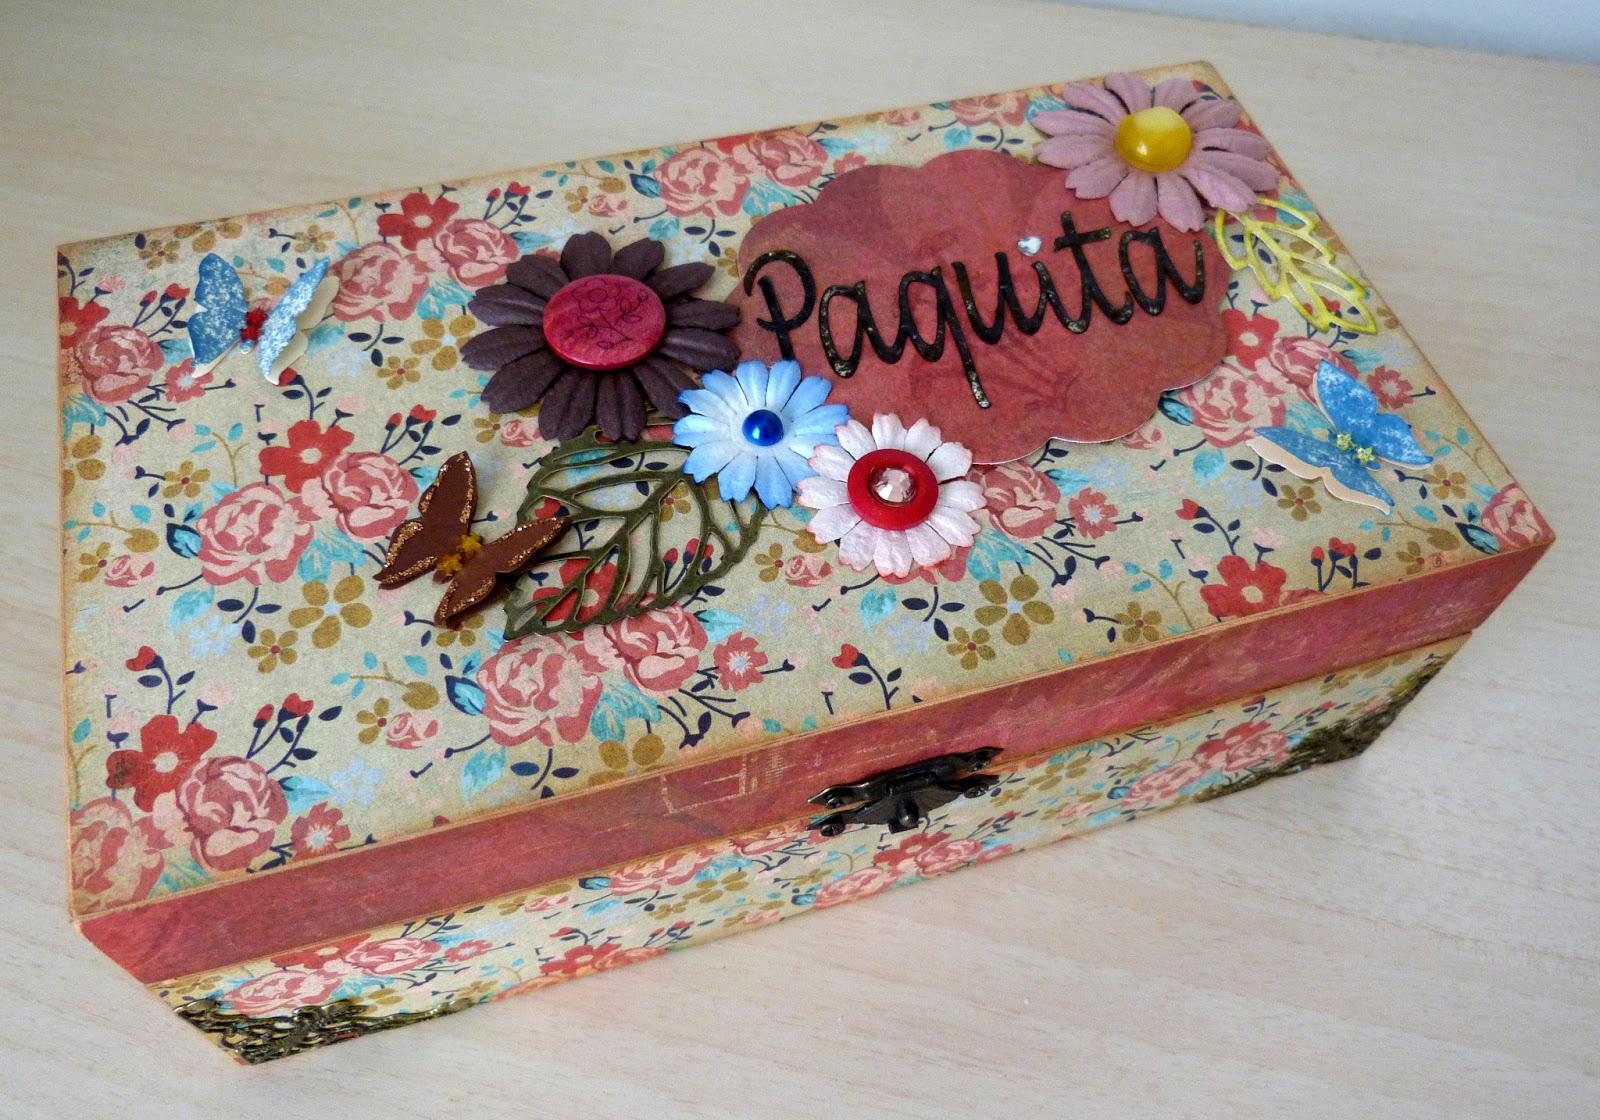 Scrapapers cajas cajas y m s cajas - Decorar cajas de zapatos ...